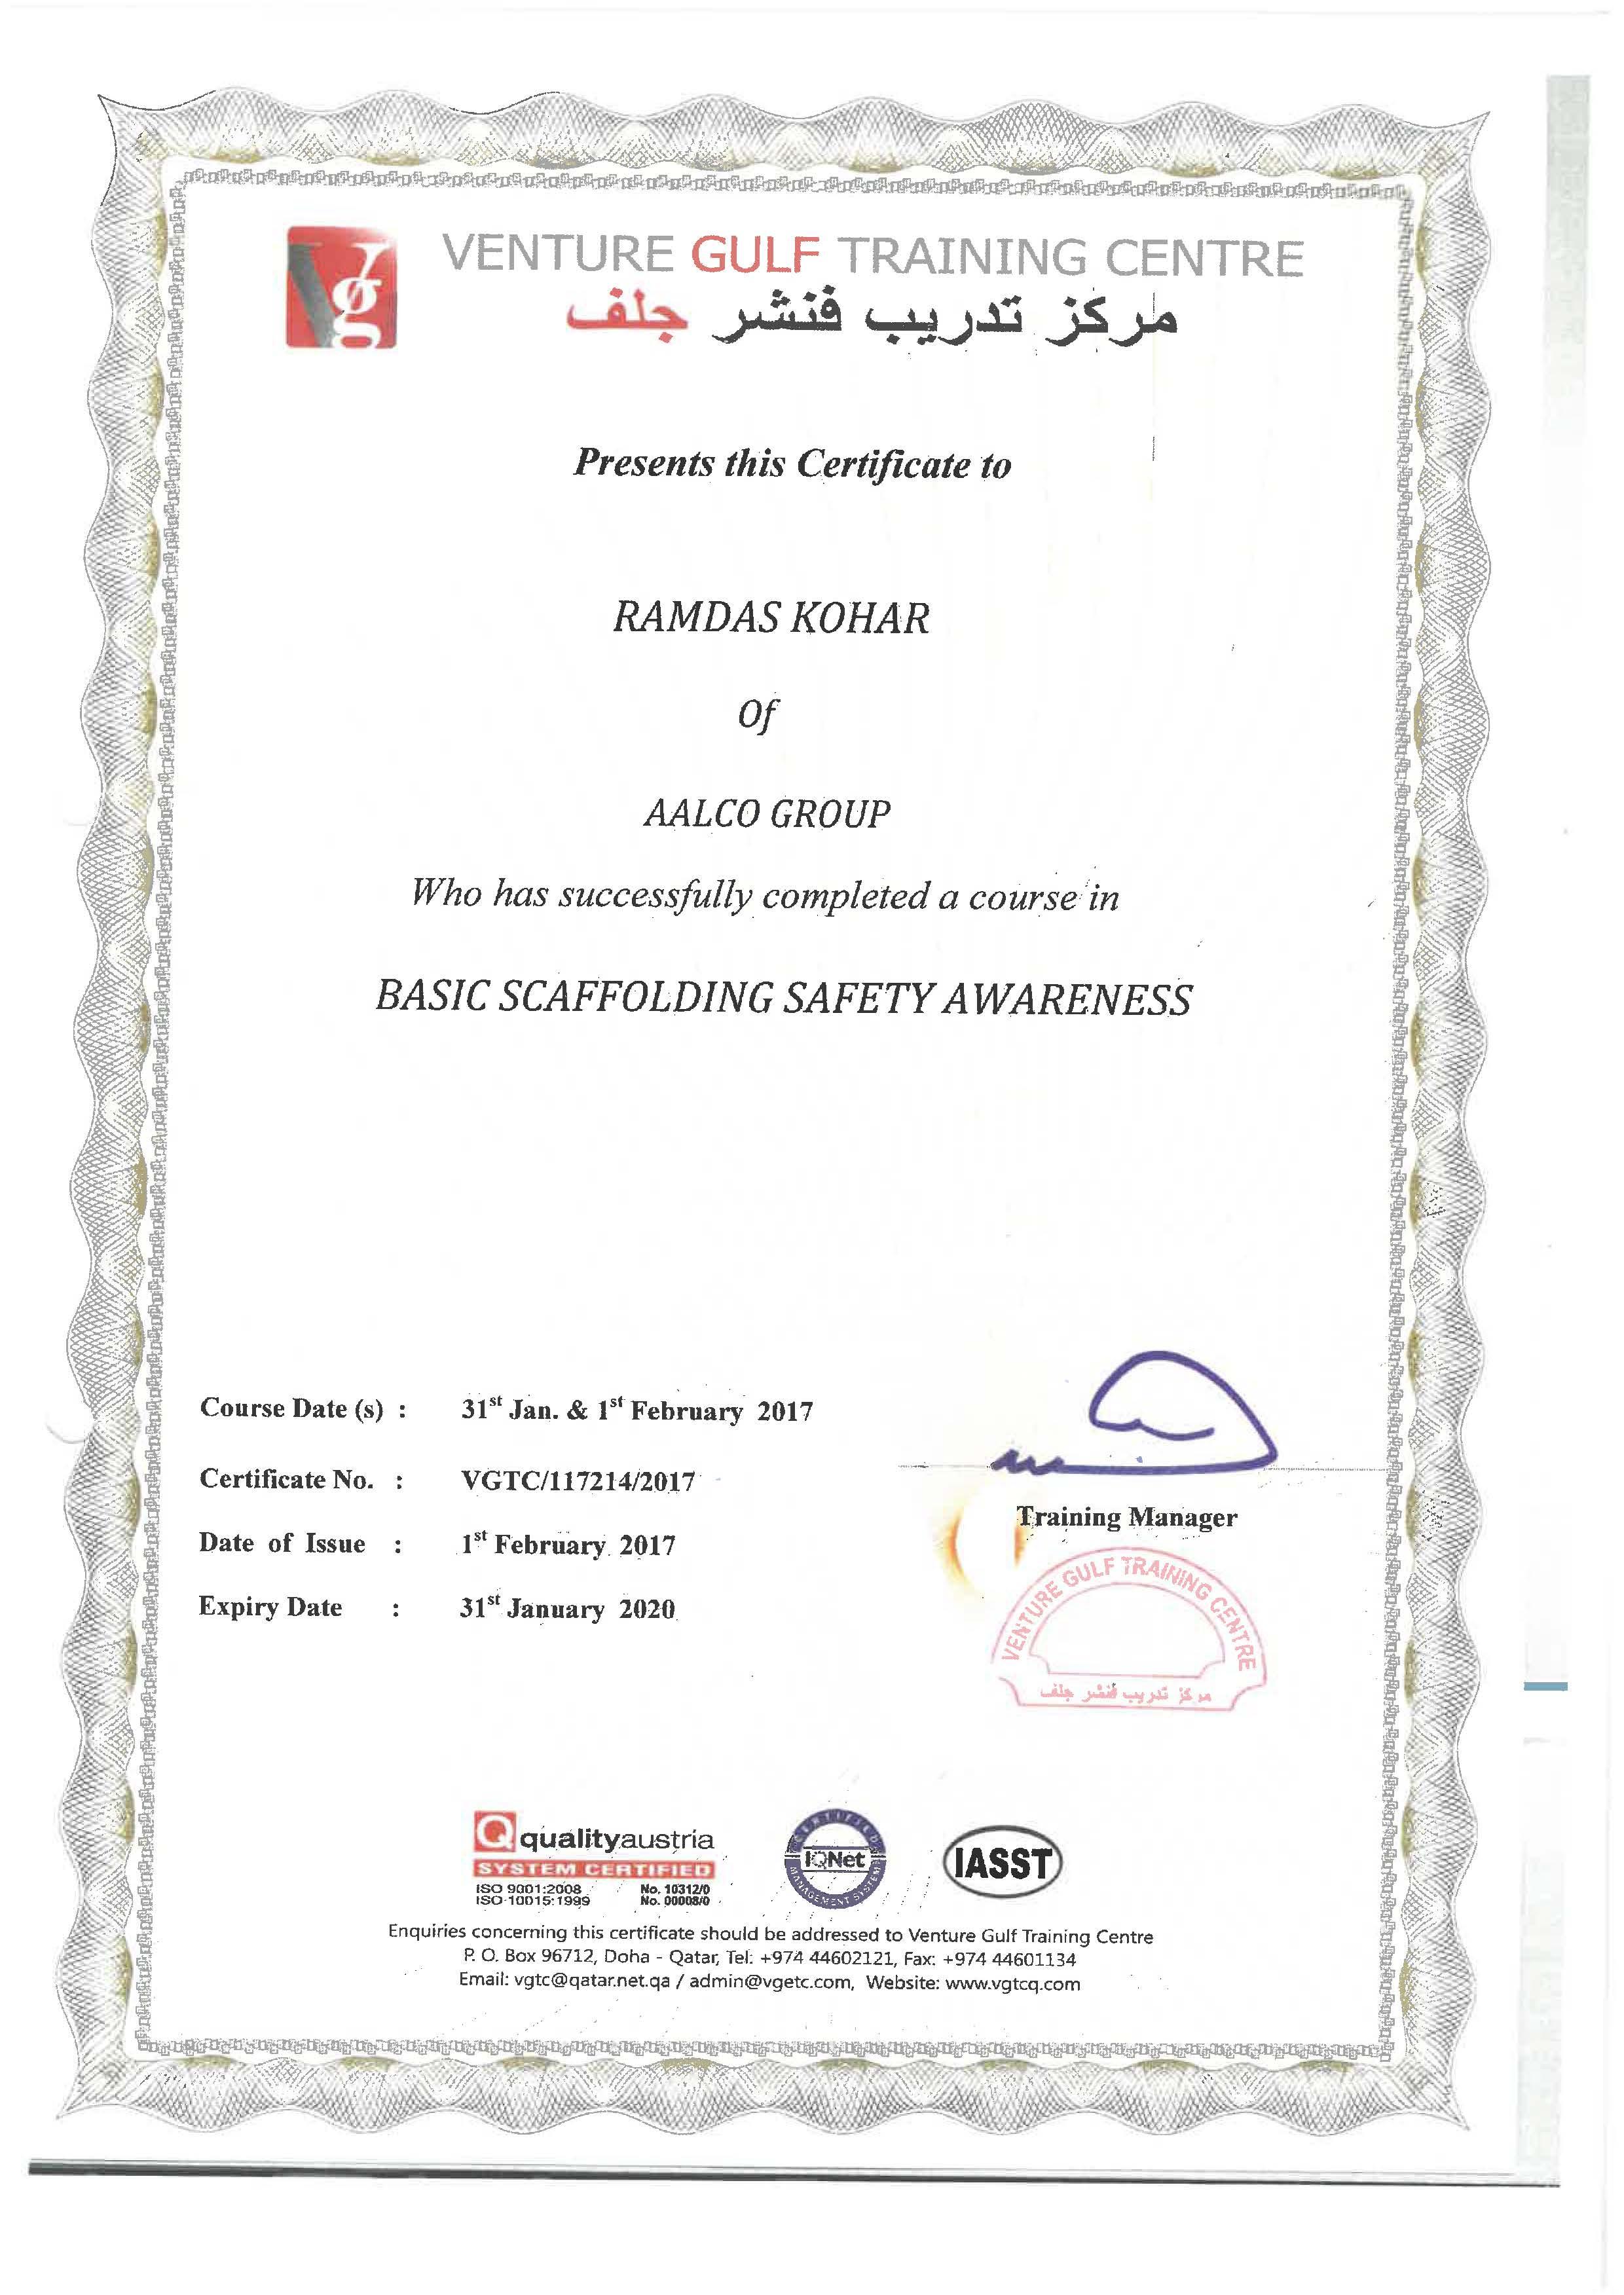 Scaffold Certificate